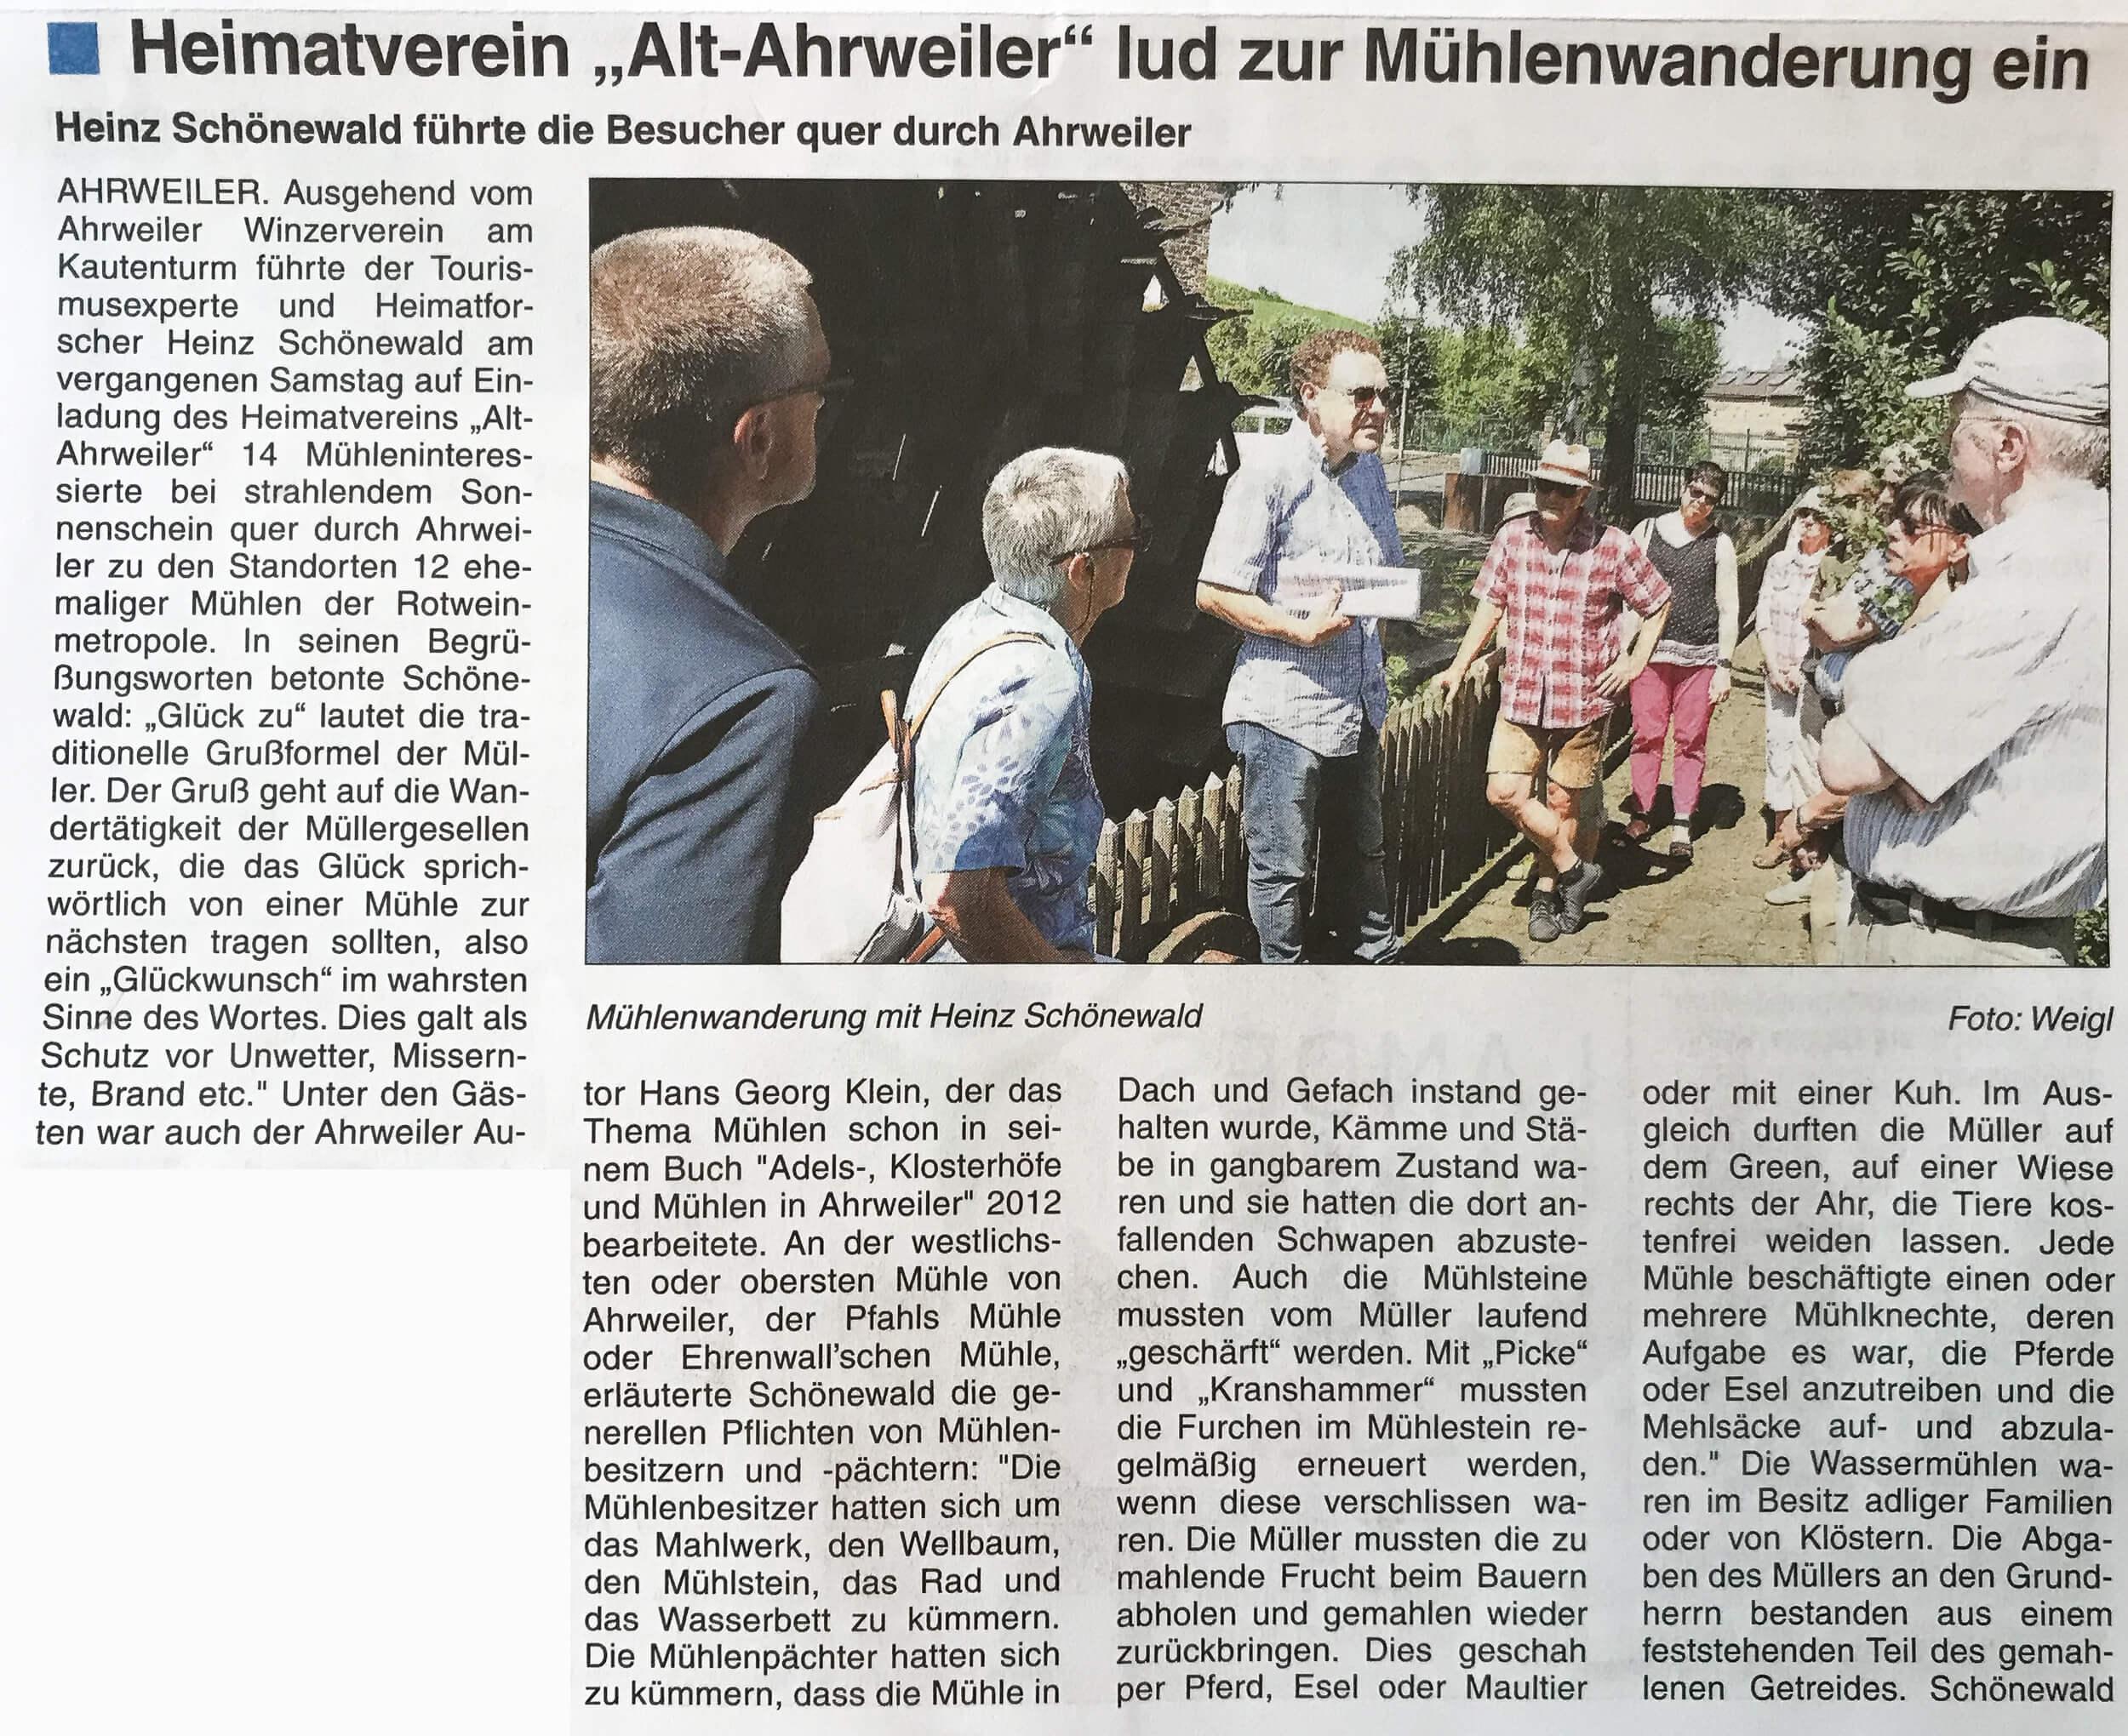 Mühlenwanderung entlang des Ahrweiler Mühlenteichs mit Heinz Schönewald Bericht der Stadtzeitung 28-2018 -Seite 1-